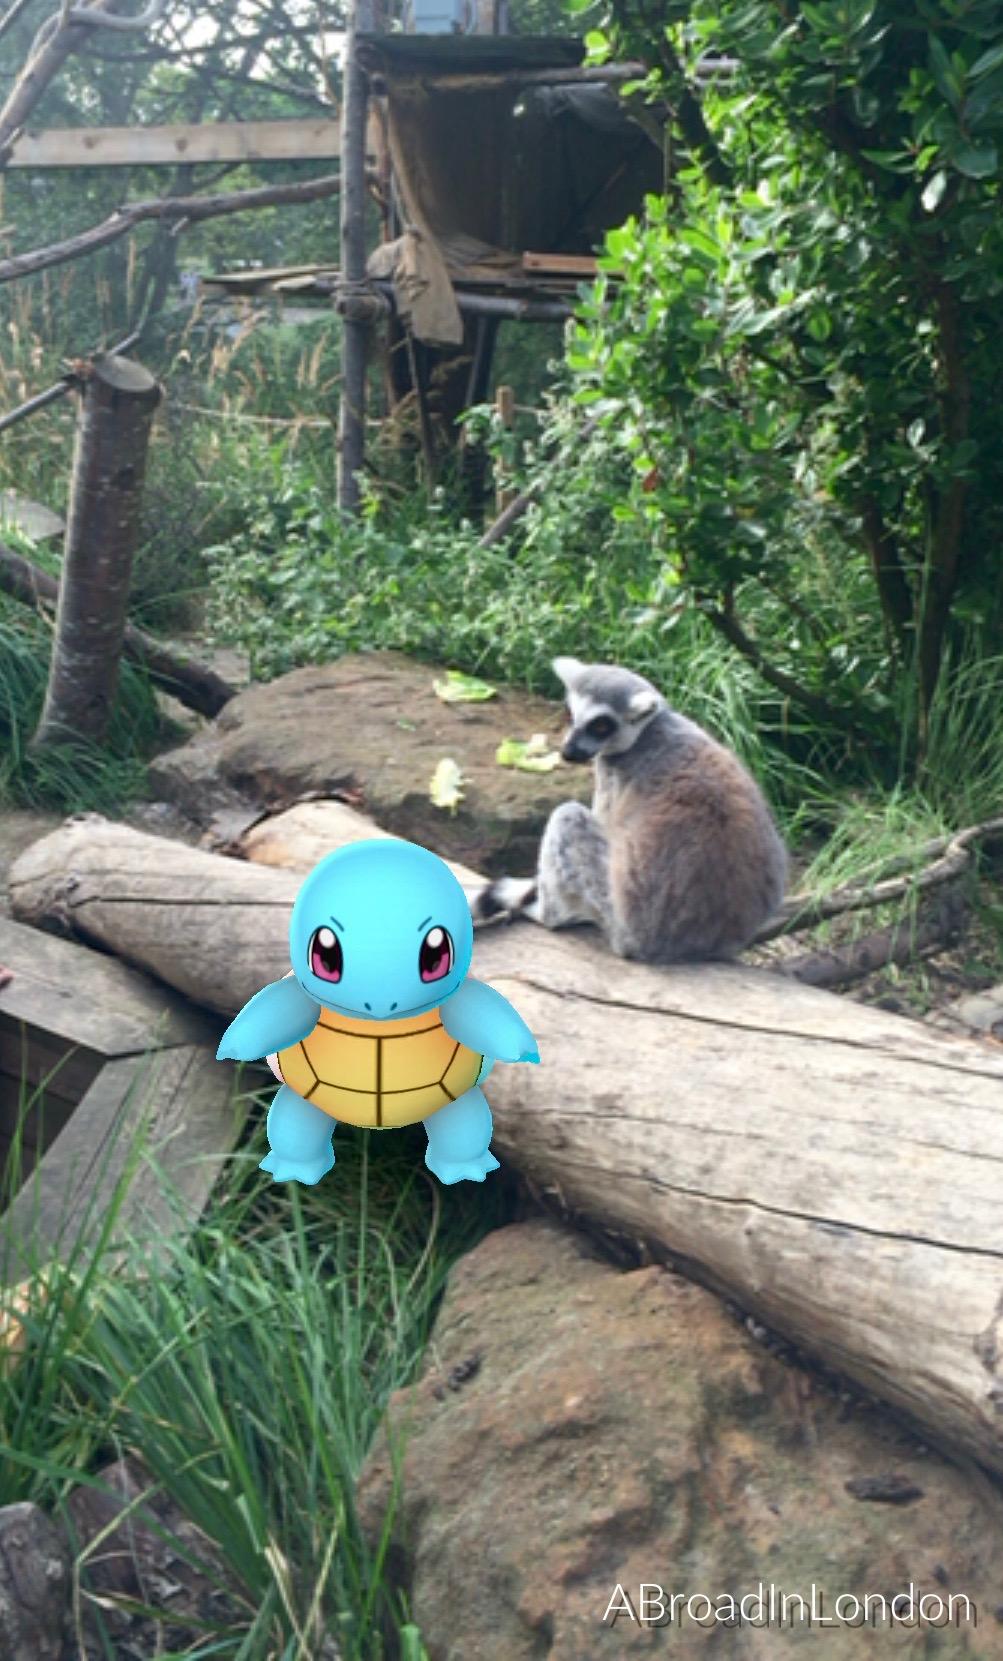 London Zoo, Regent's Park